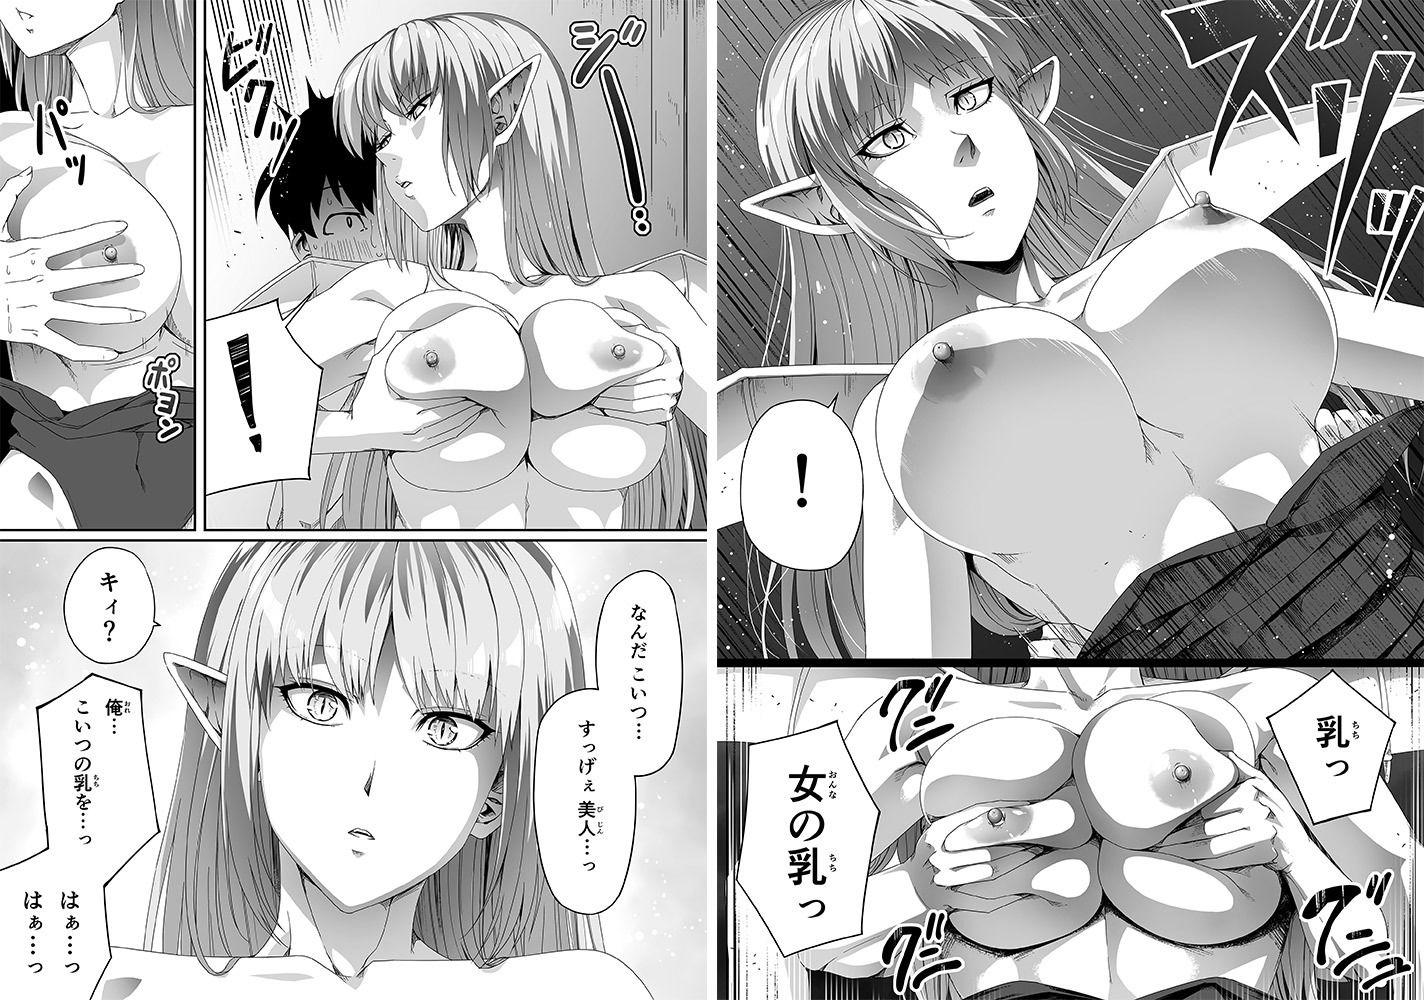 力あるサキュバスは性欲を満たしたいだけ2【同人エロ漫画】(Road=ロード=)2